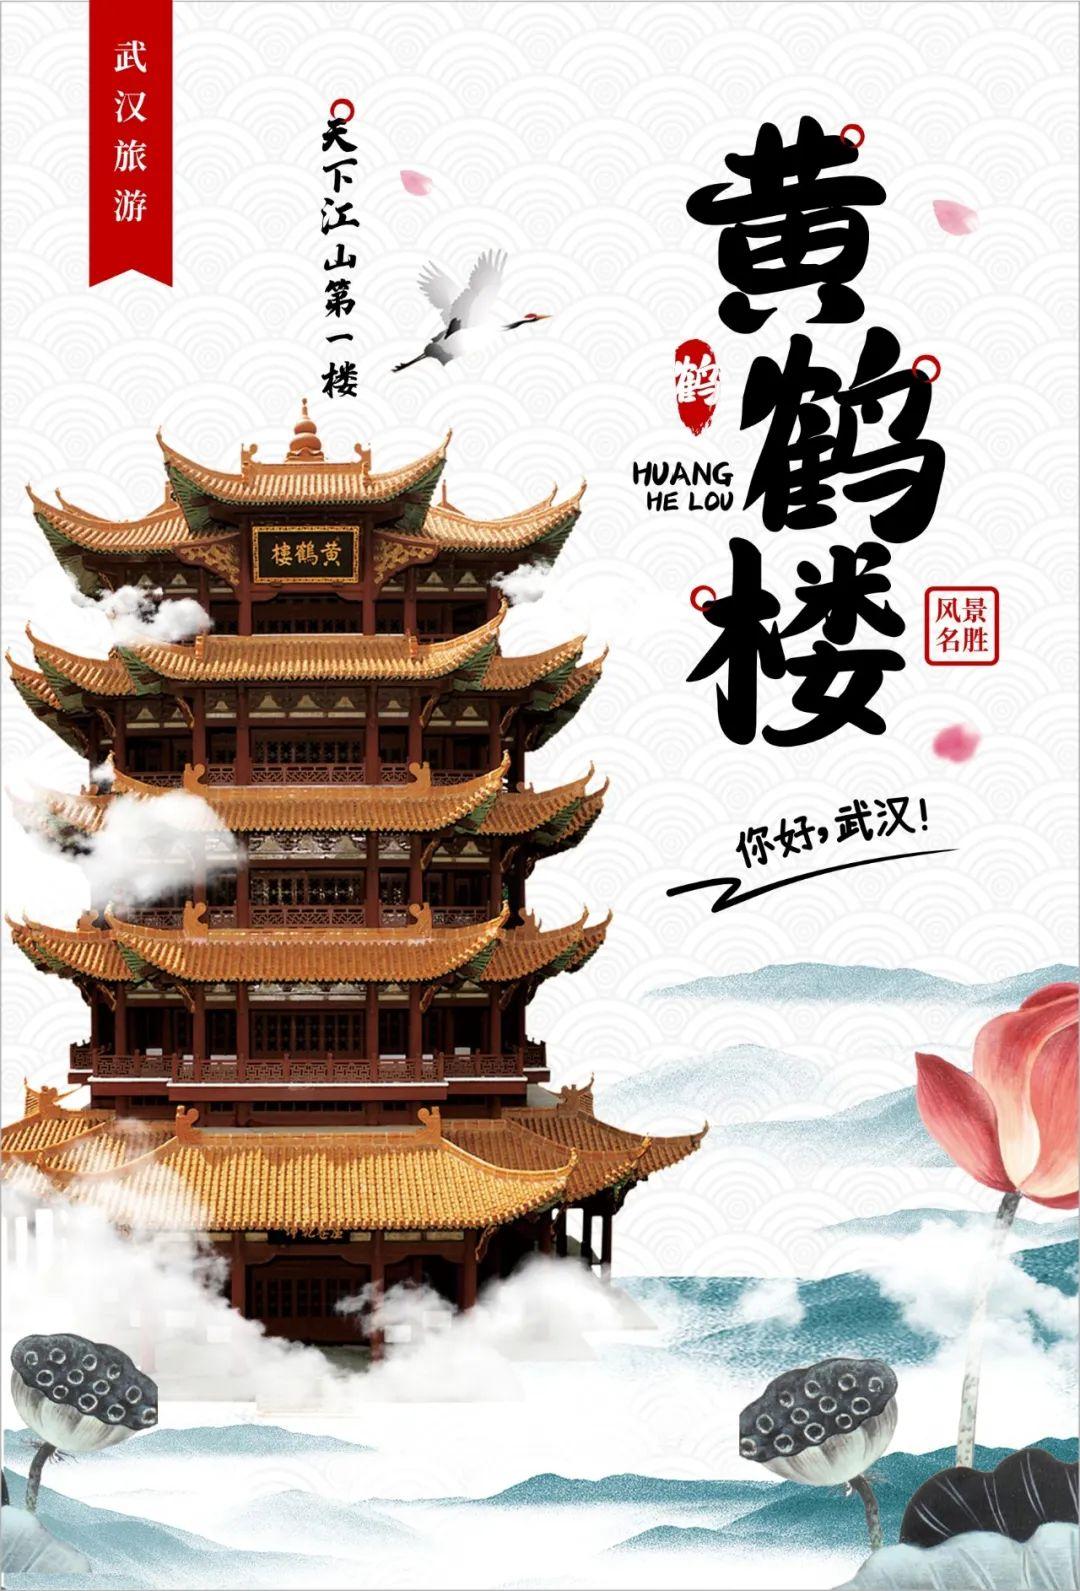 黄鹤楼宣传海报改稿实例,解决设计元素杂乱问题